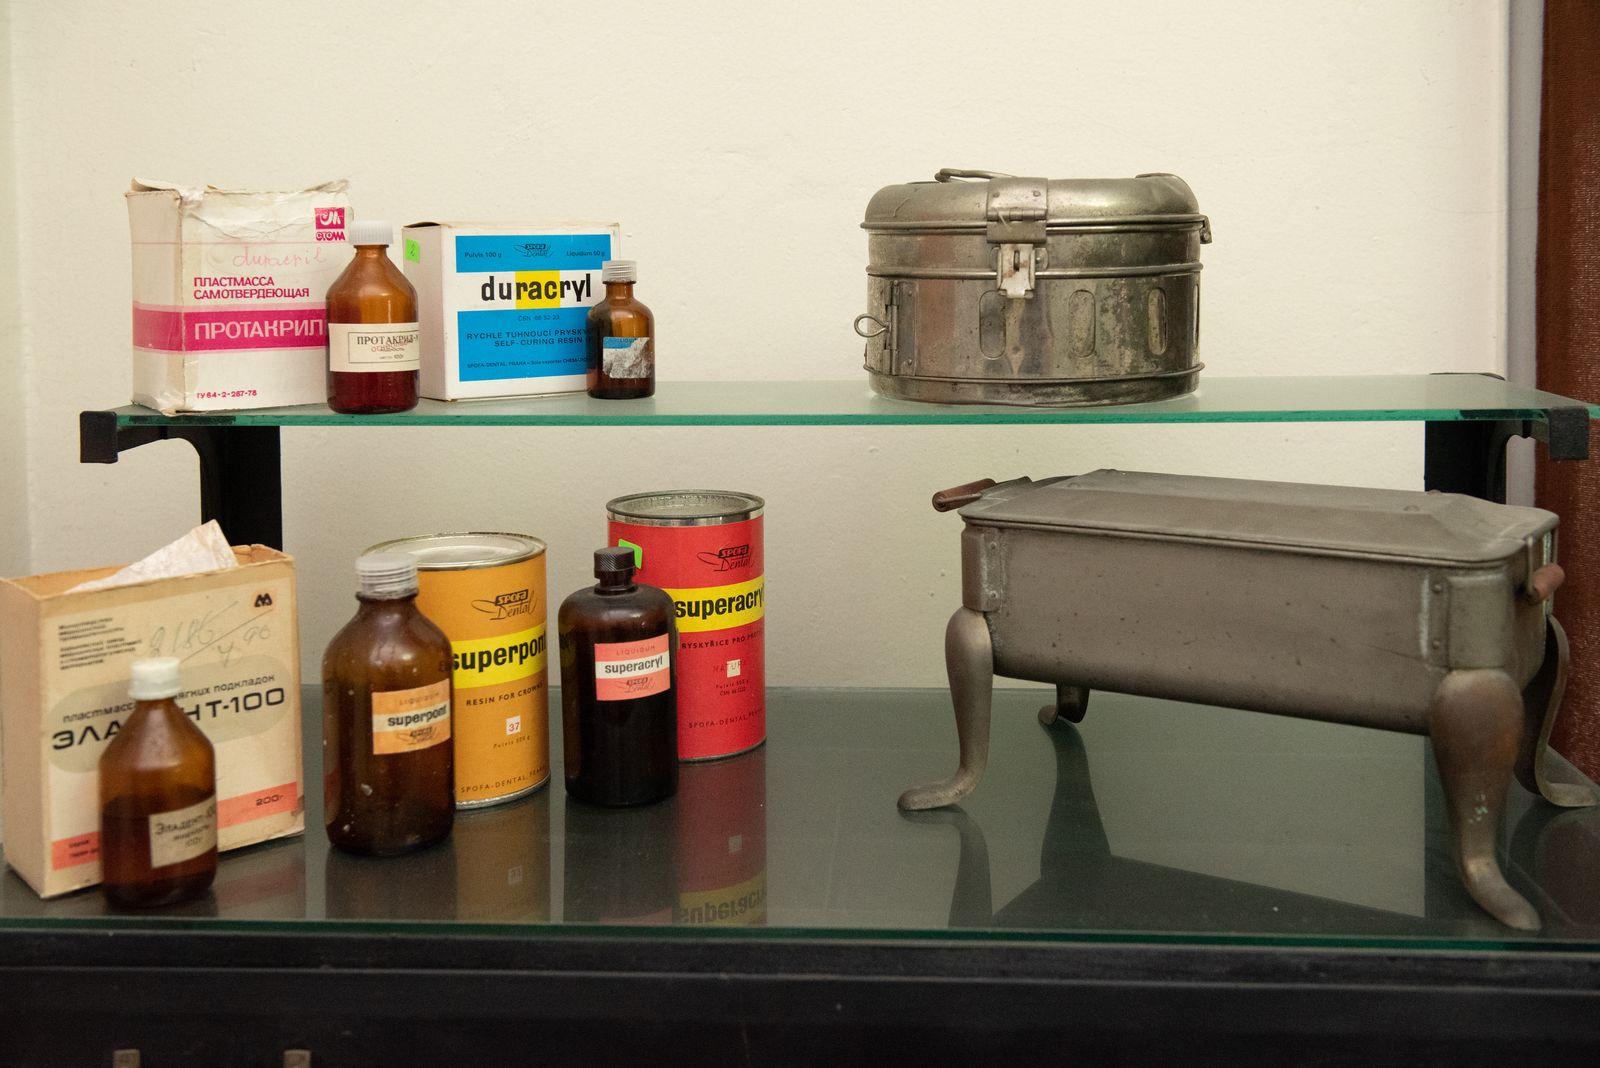 Muzei227_Зъботехнически материали пластмаси, използвани в зъботехническата практика, стерилизатор и барабан